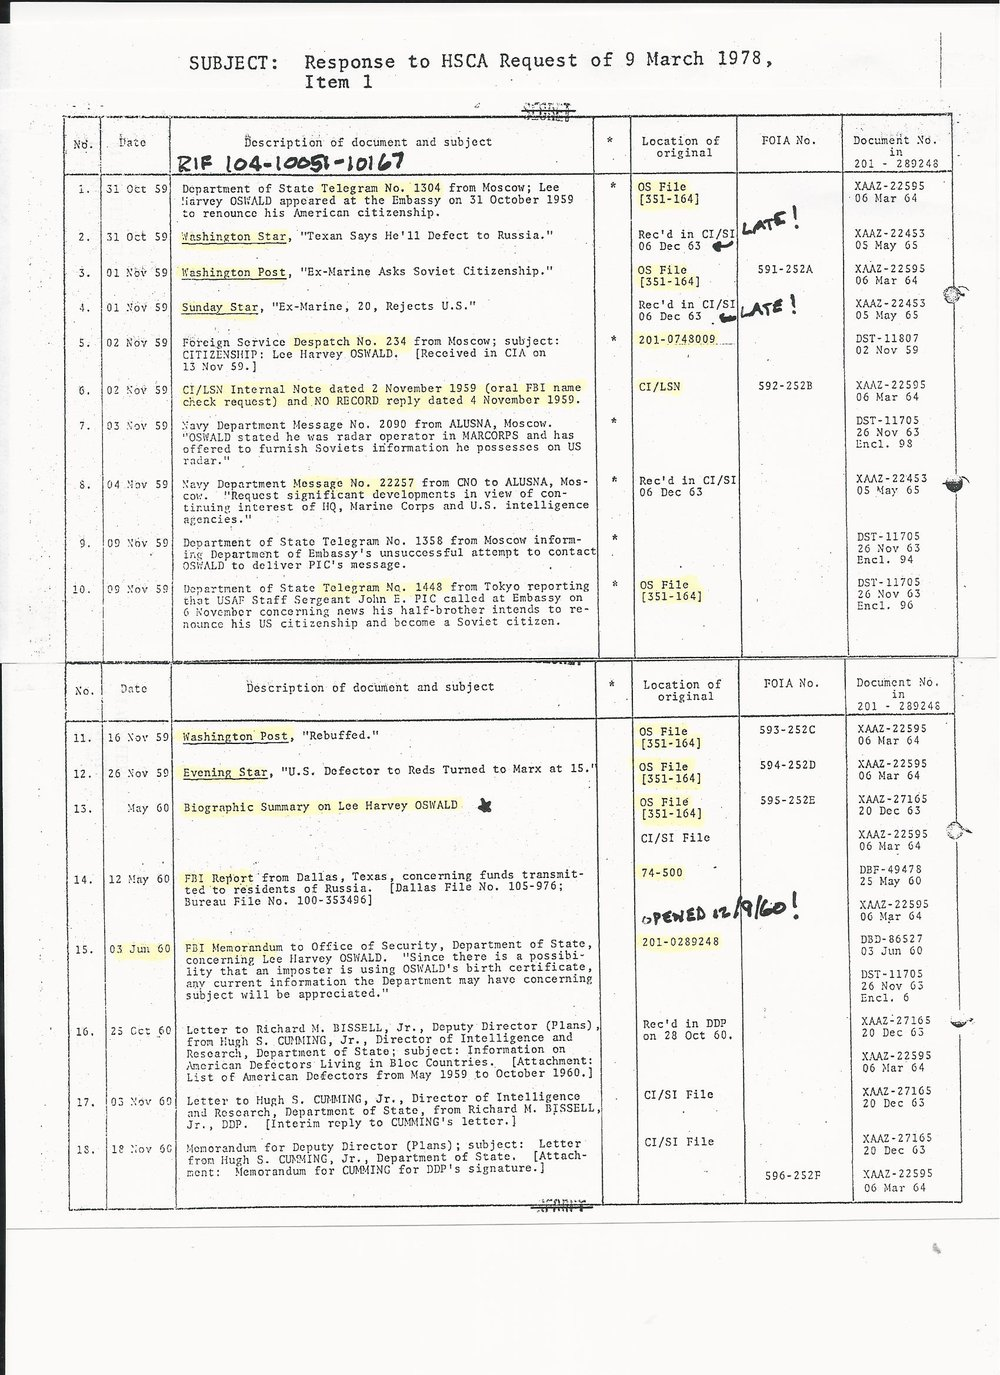 3 9 78 HSCA RQST NON-CIA DOCS 3.jpg